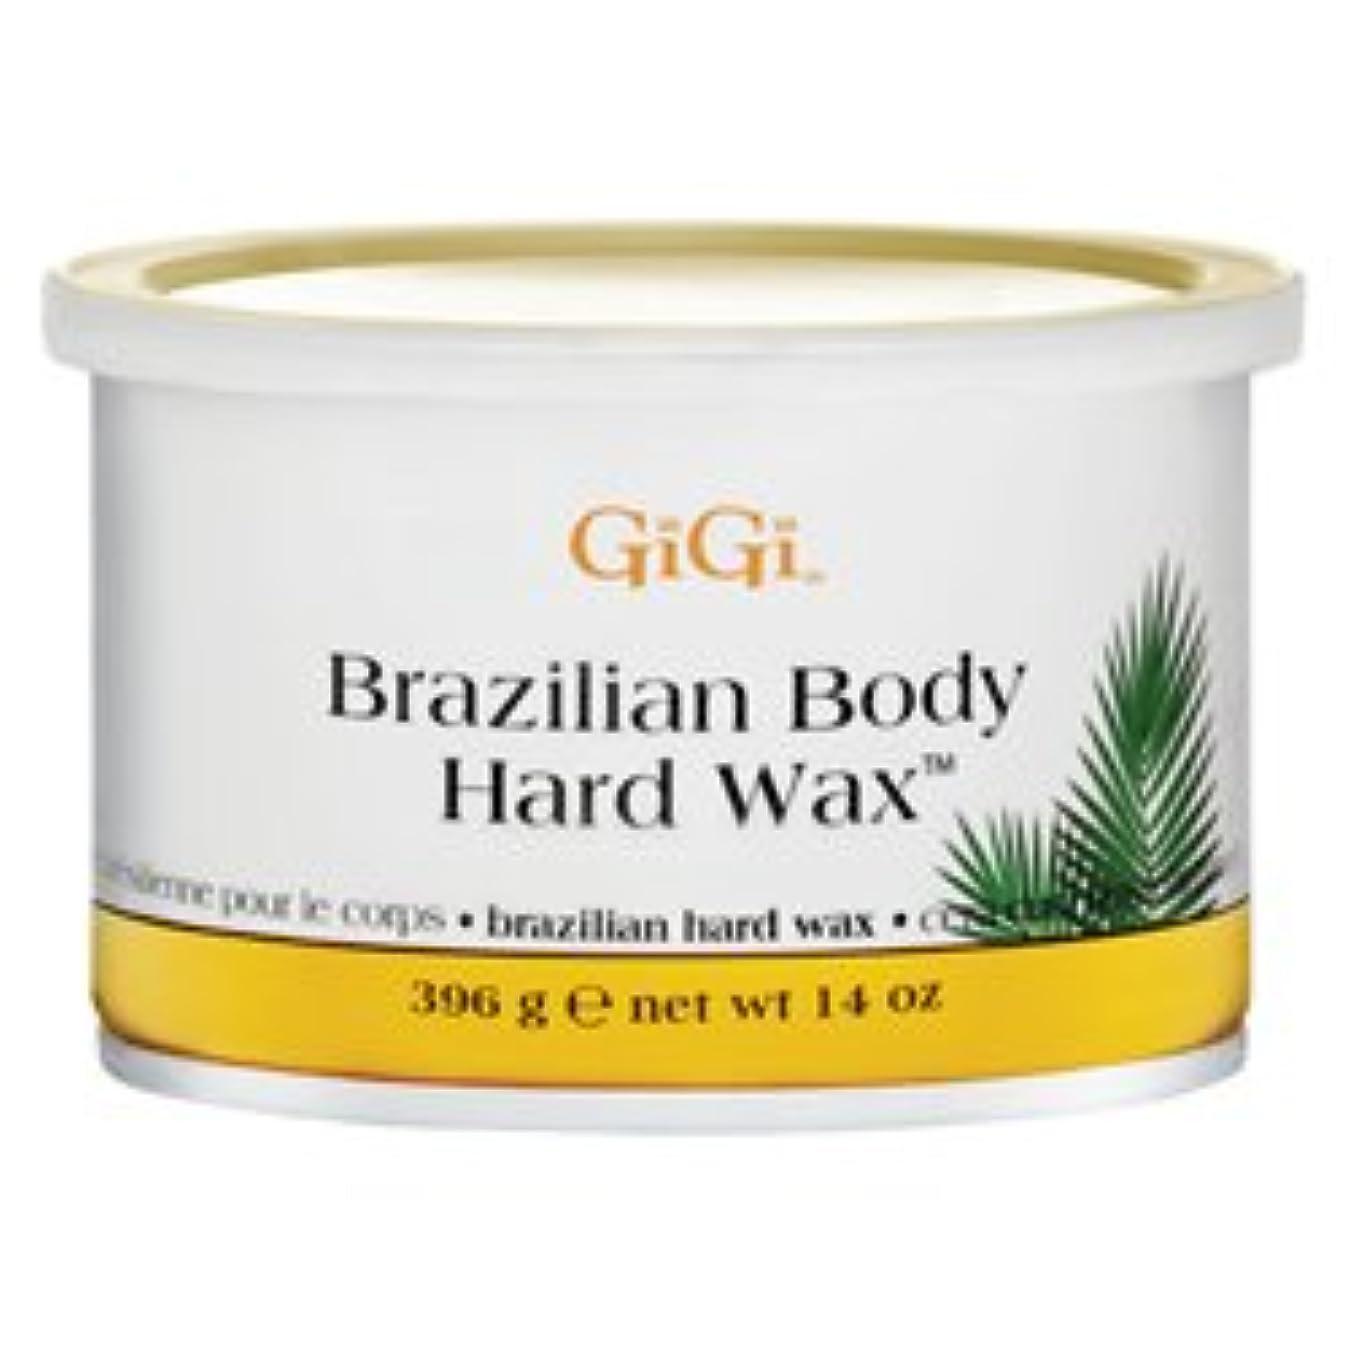 気分が悪い写真遮るブラジリアンボディハード脱毛ワックス 396g (並行輸入品)